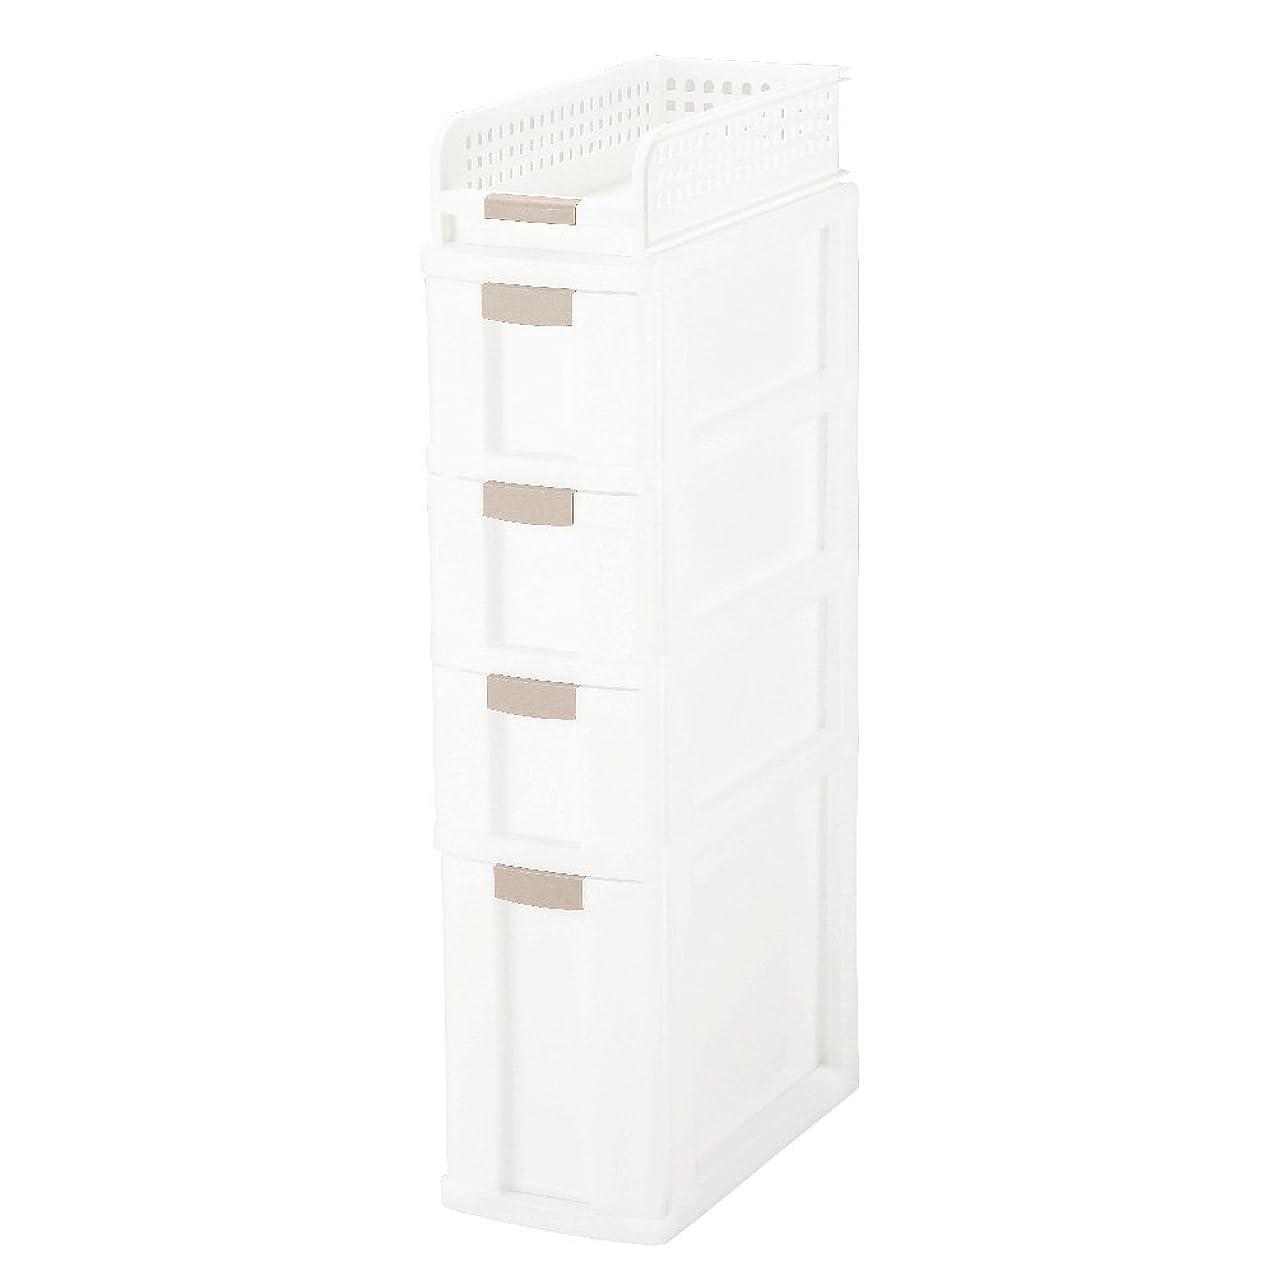 広大なのために歴史家グリーンパル 収納ケース ホワイト 5段 すきま収納ボックス5段 3810011